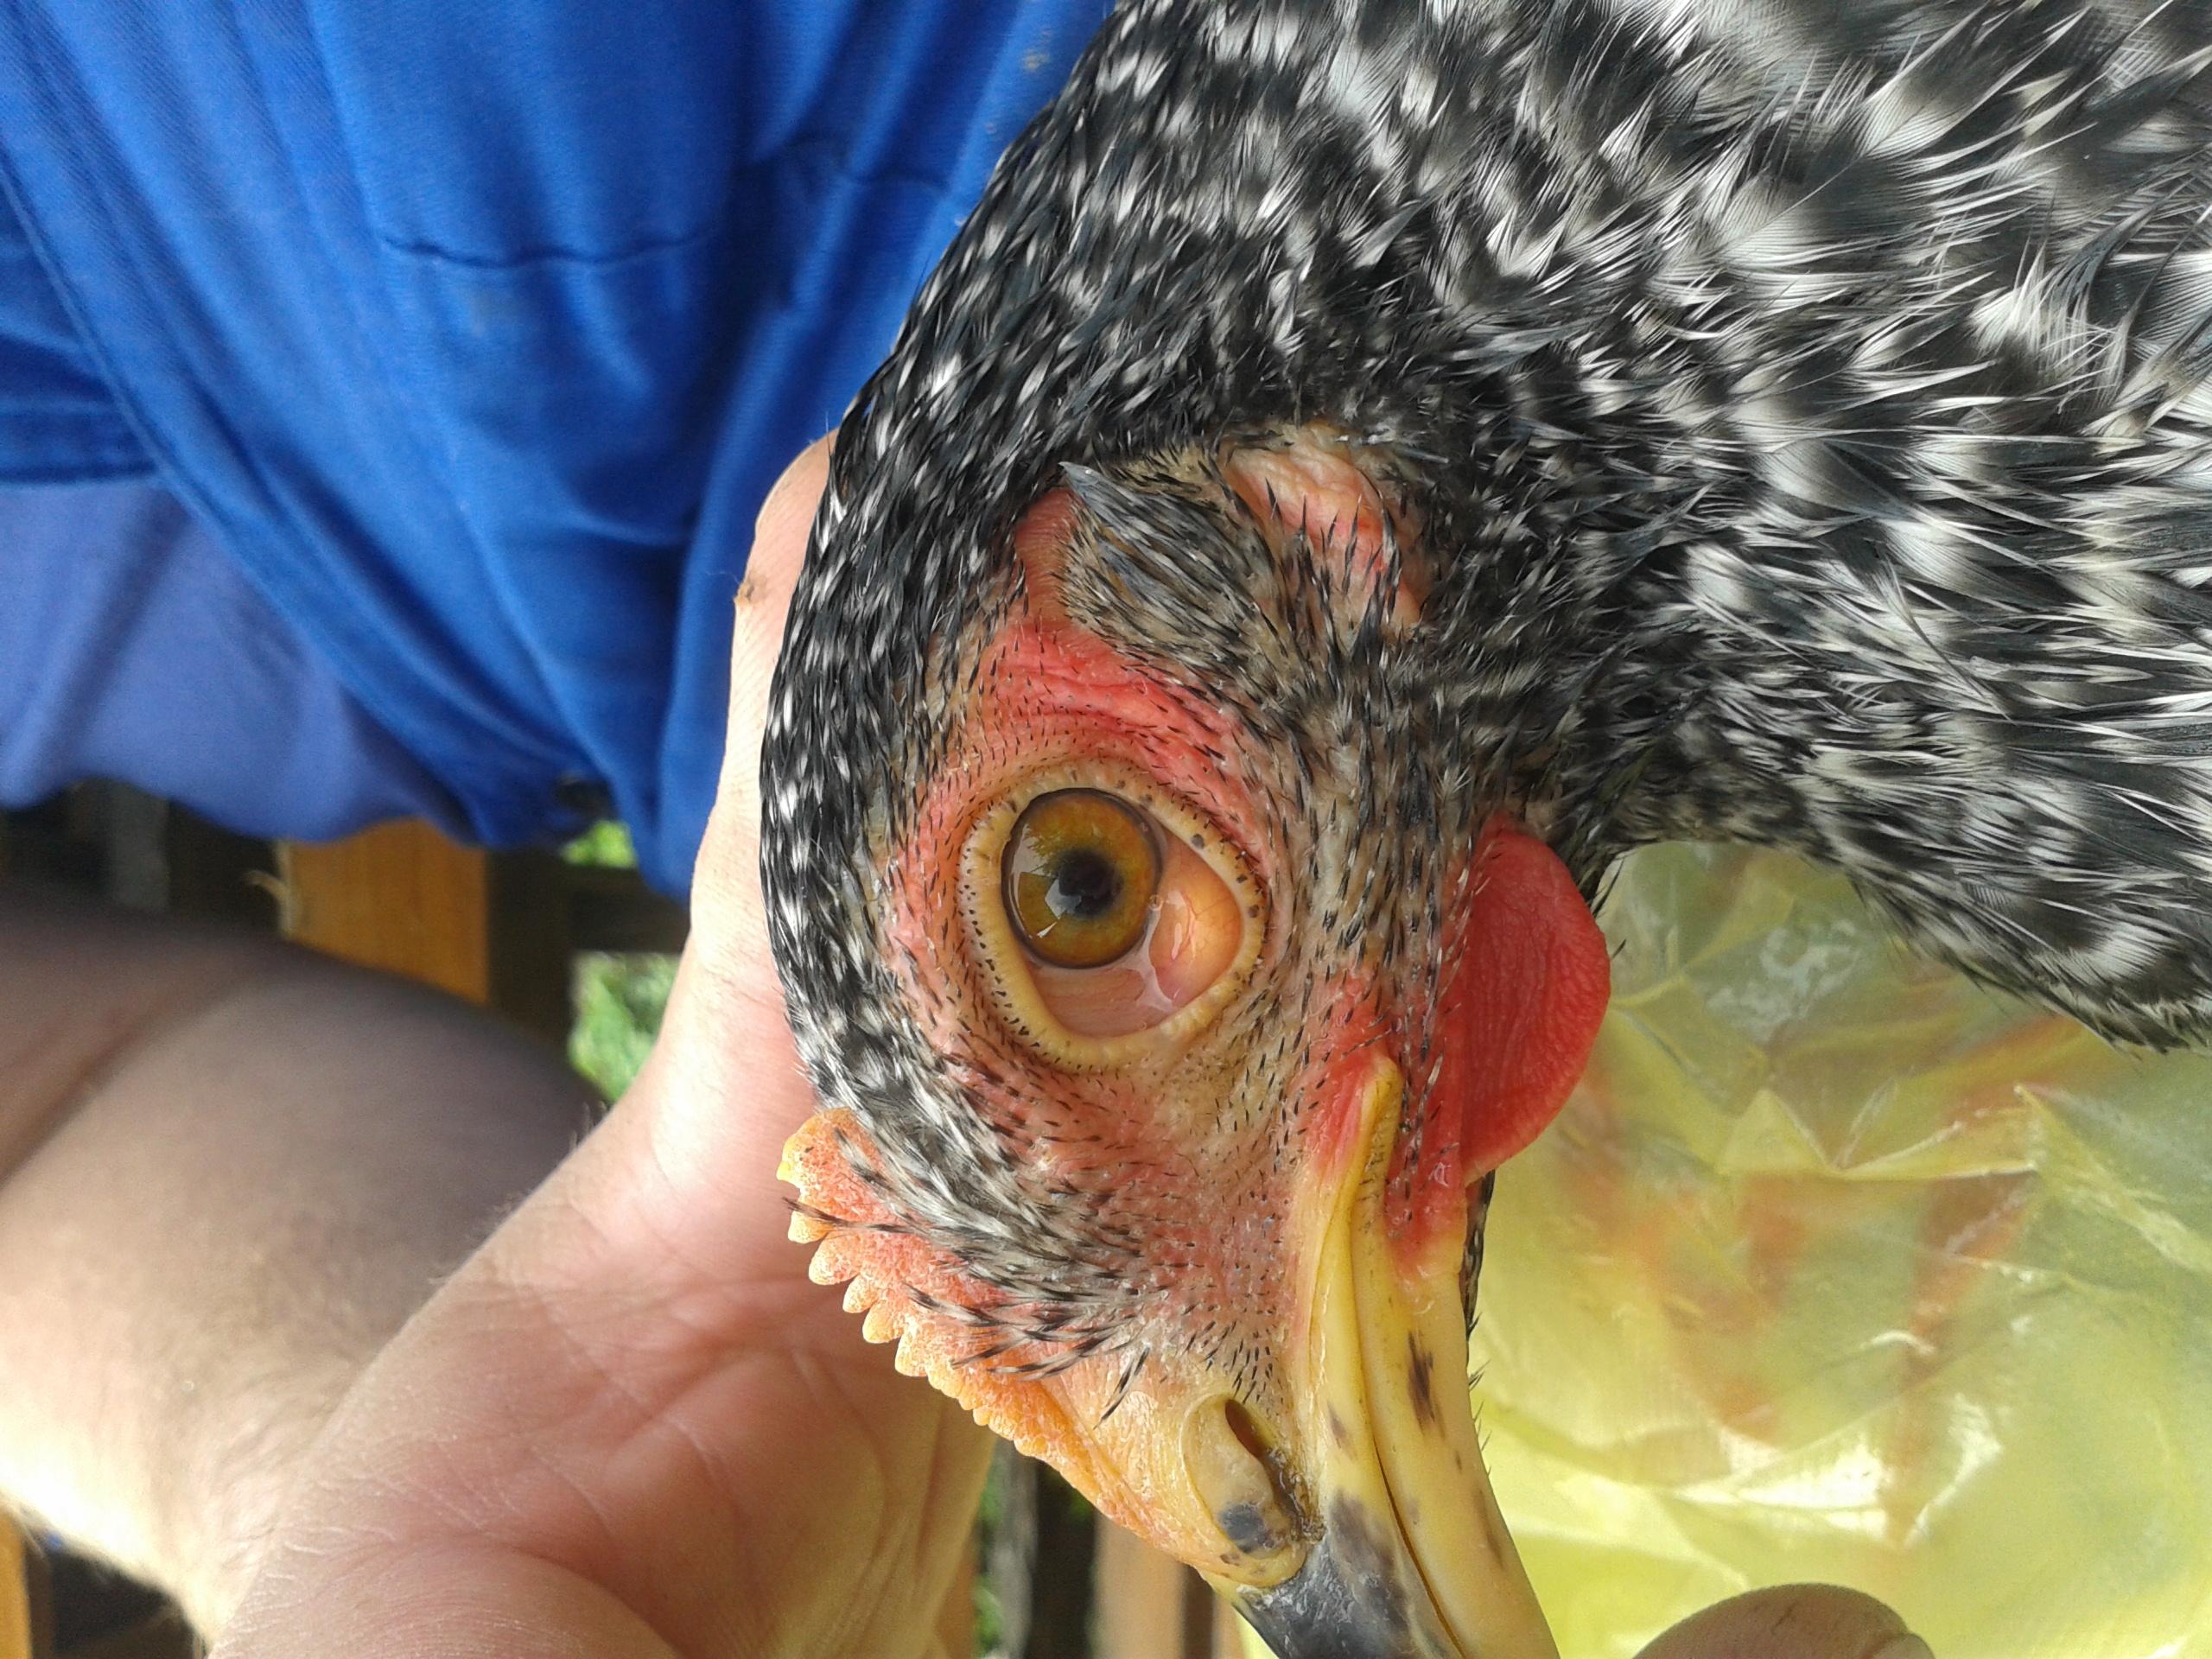 Вопросы и консультации по лечению птицы 0842784001499154050